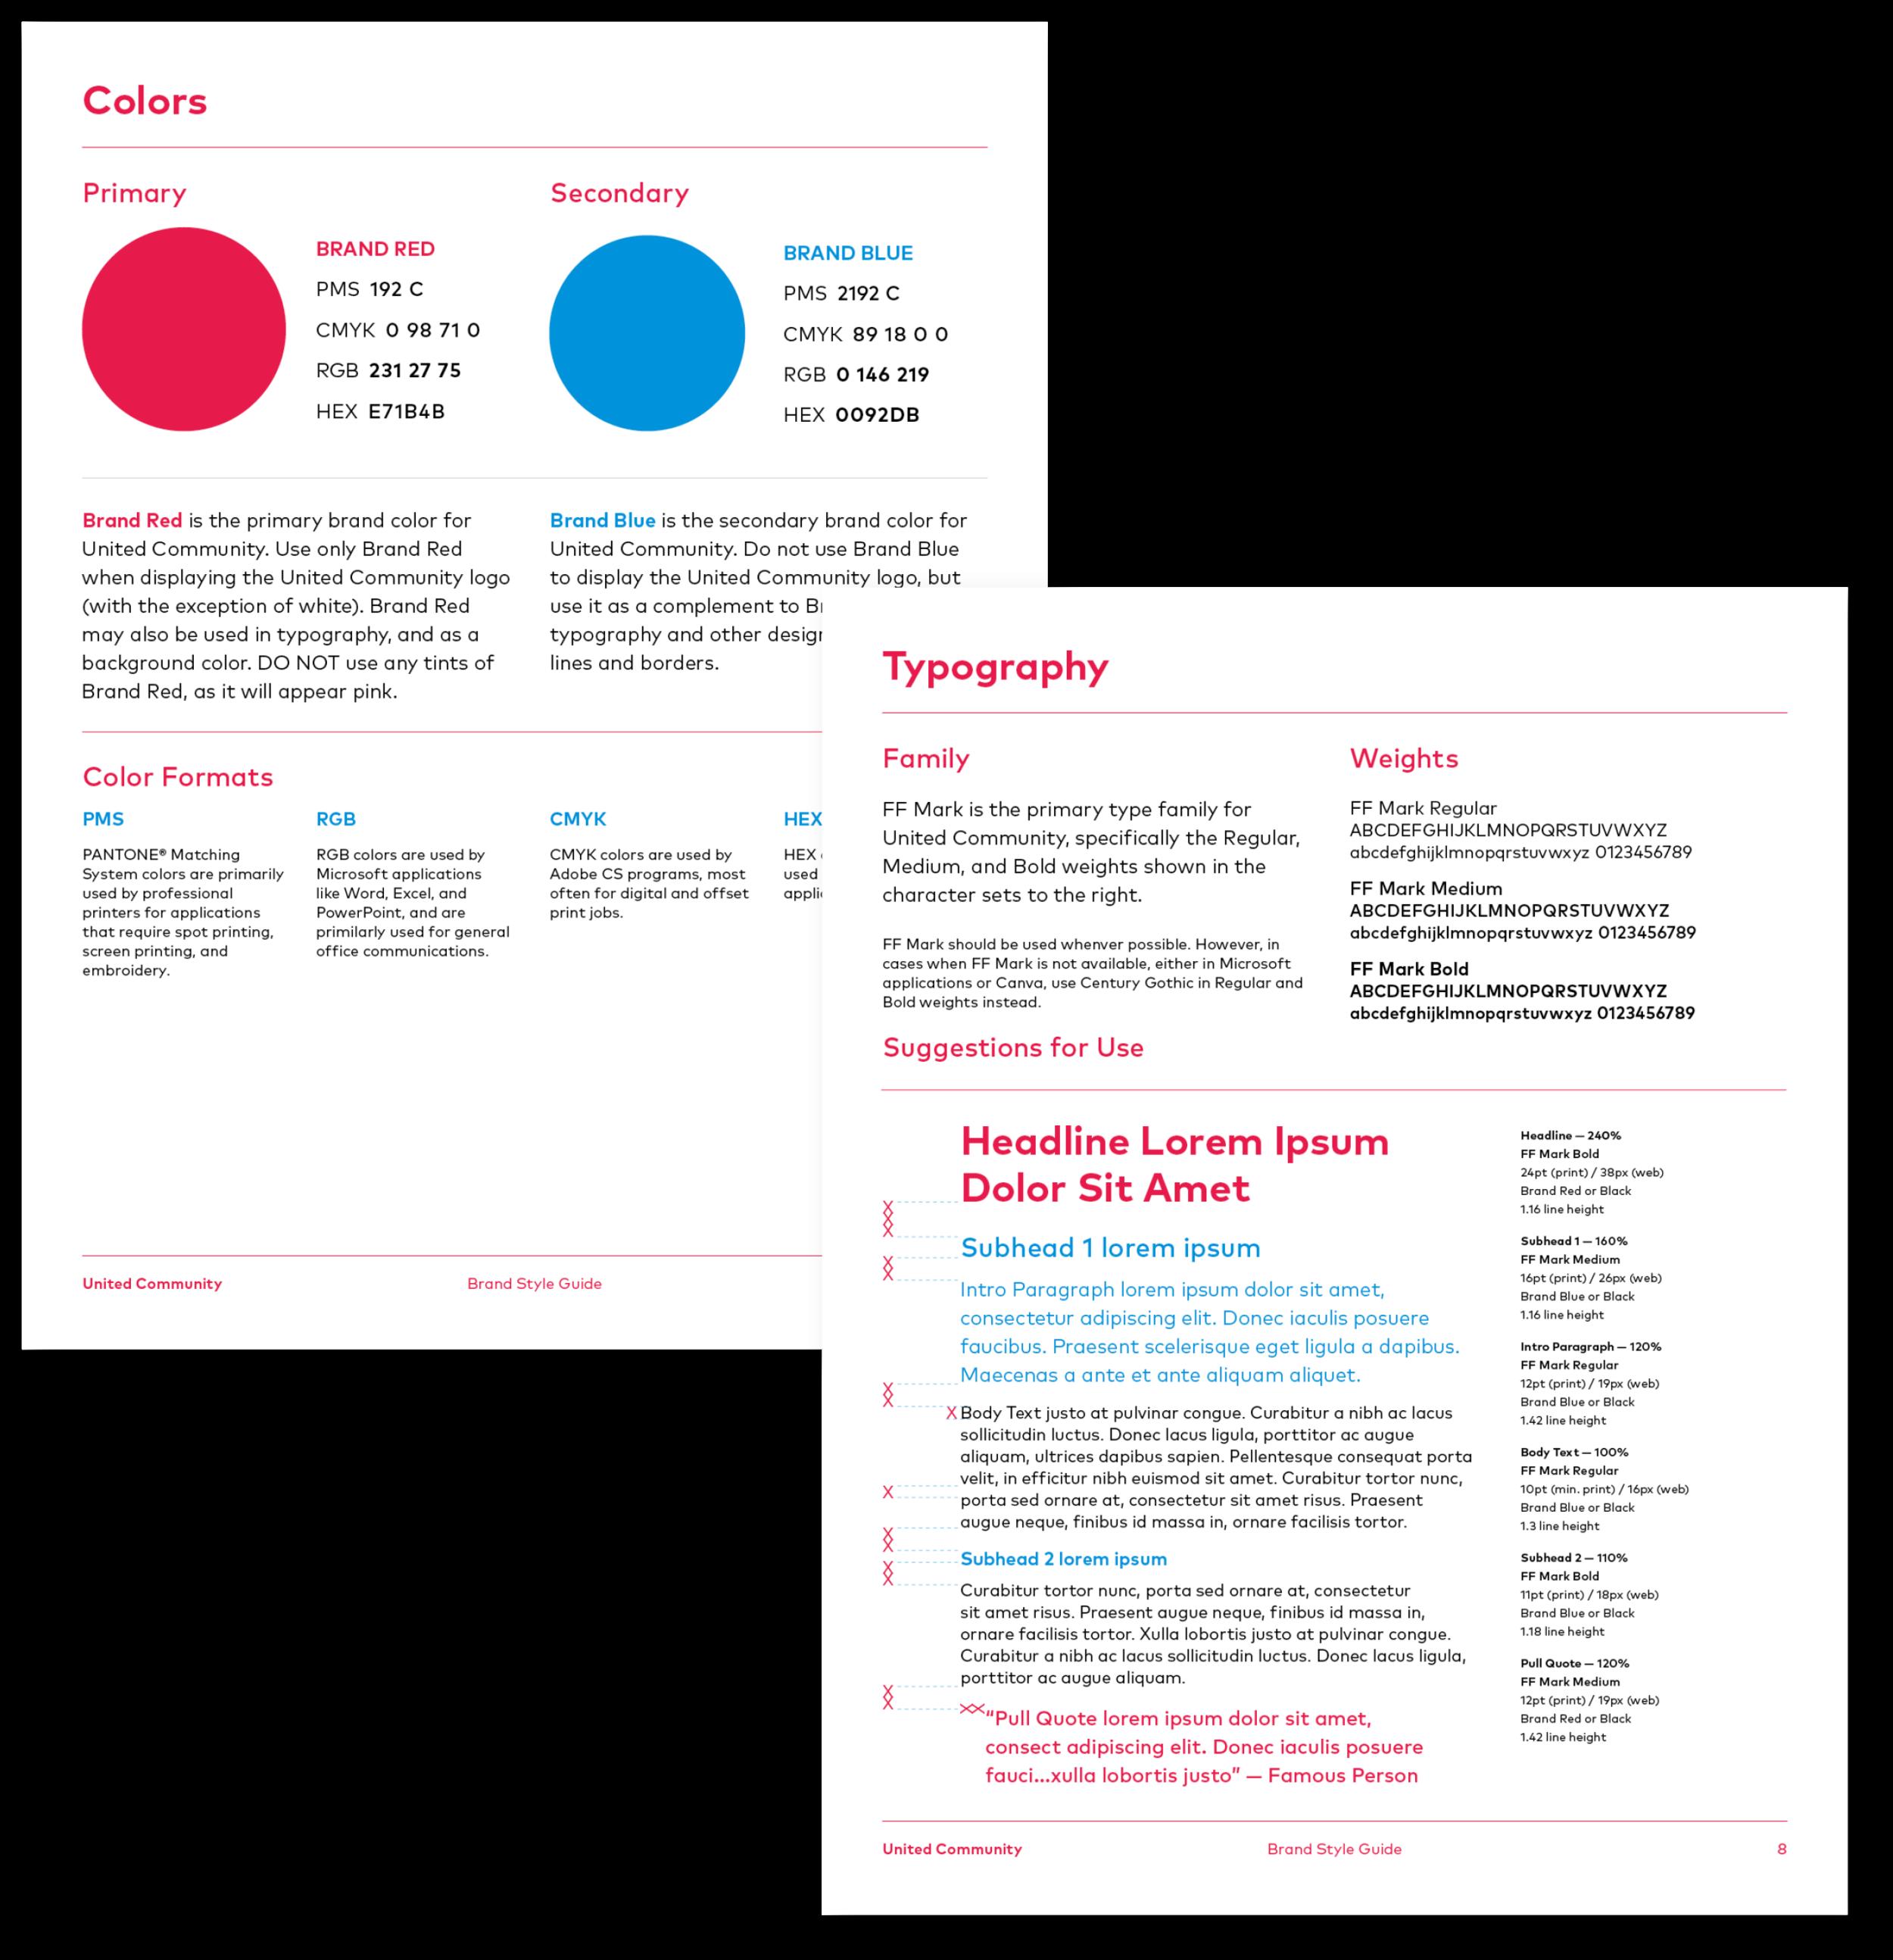 majorbehavior-ucm-rebrand-guidelines.png